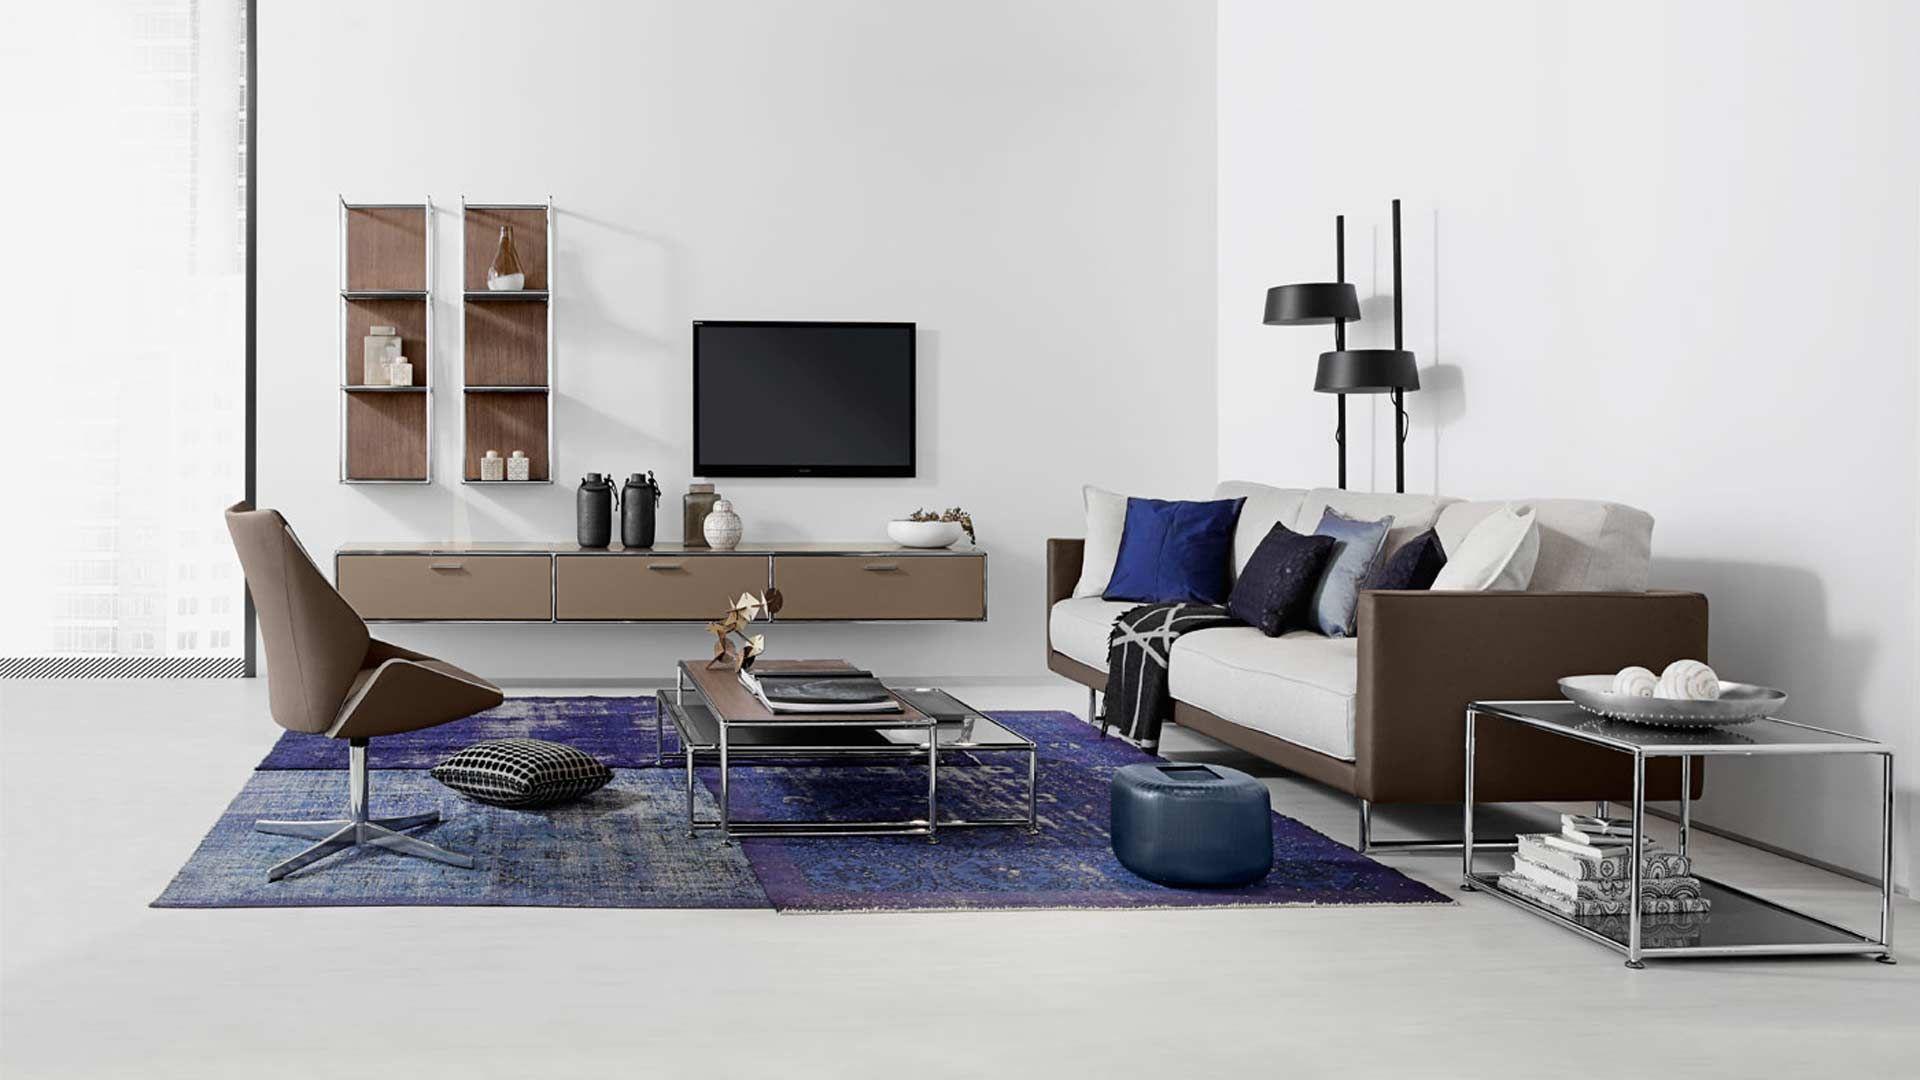 designer m bel d sseldorf am besten b ro st hle home. Black Bedroom Furniture Sets. Home Design Ideas